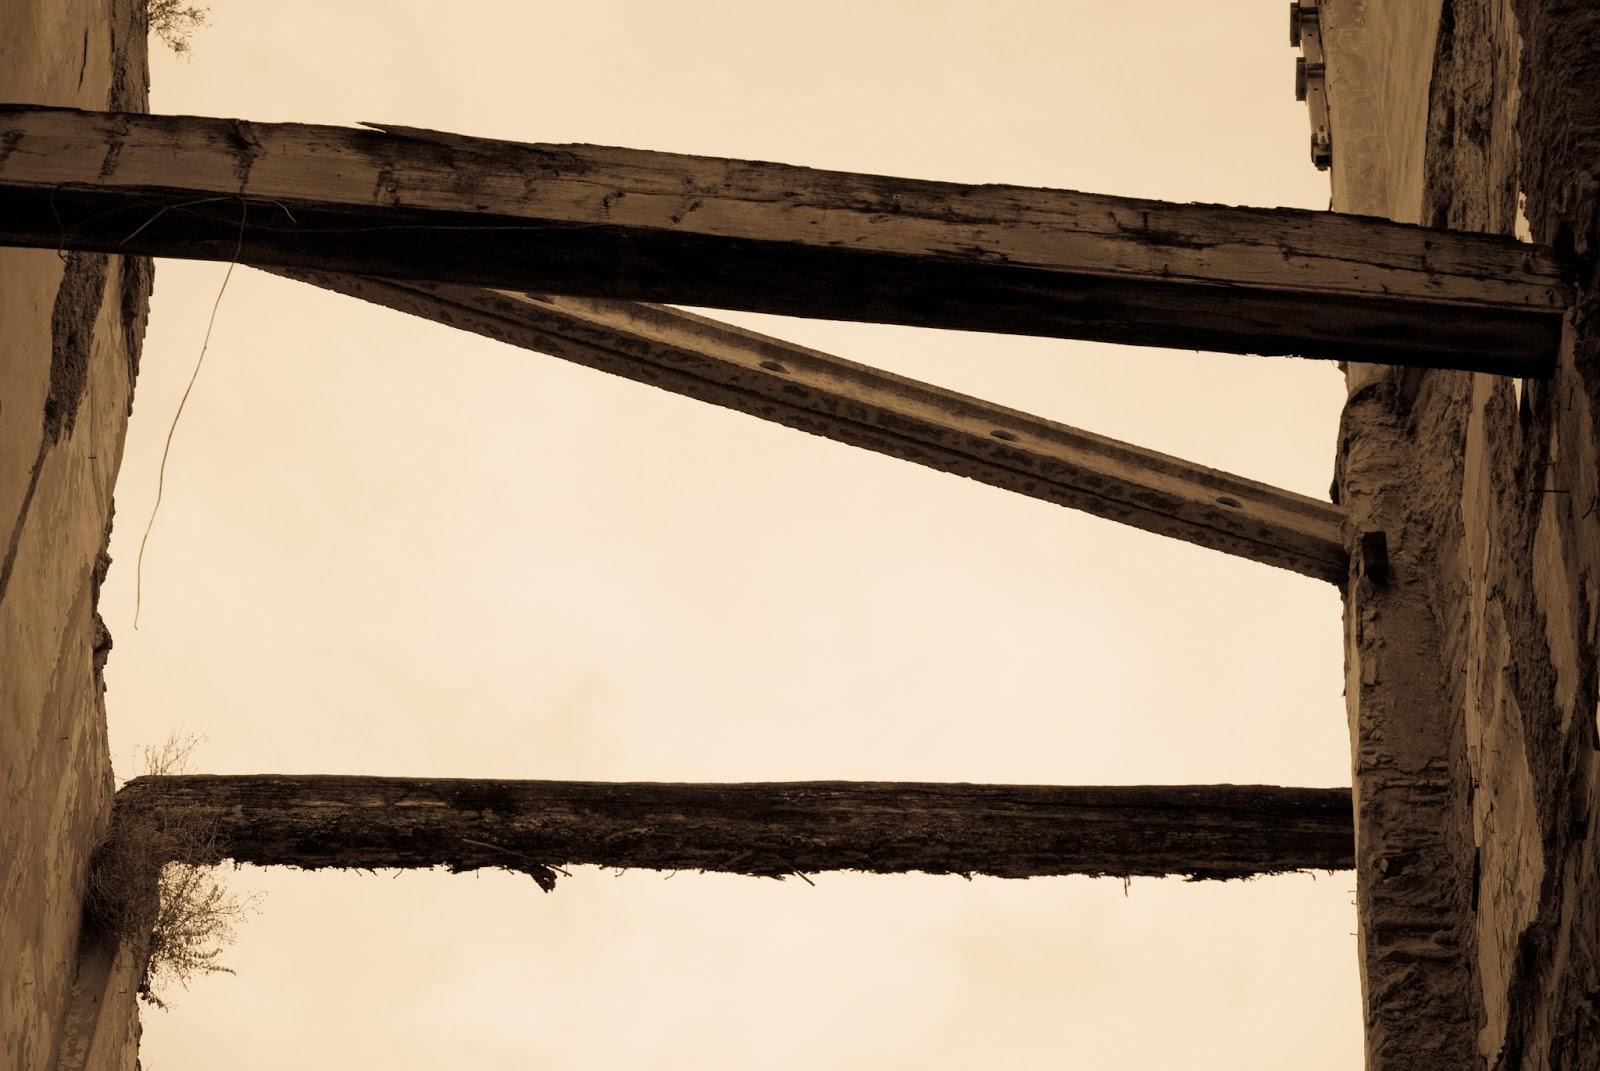 Vigas cruzando e segurando paredes velhas: ilustra a seção a respeito dos textos das linhas de ''Ta Kuo / Preponderância do Grande'', um dos 64 hexagramas do I Ching, o Livro das Mutações